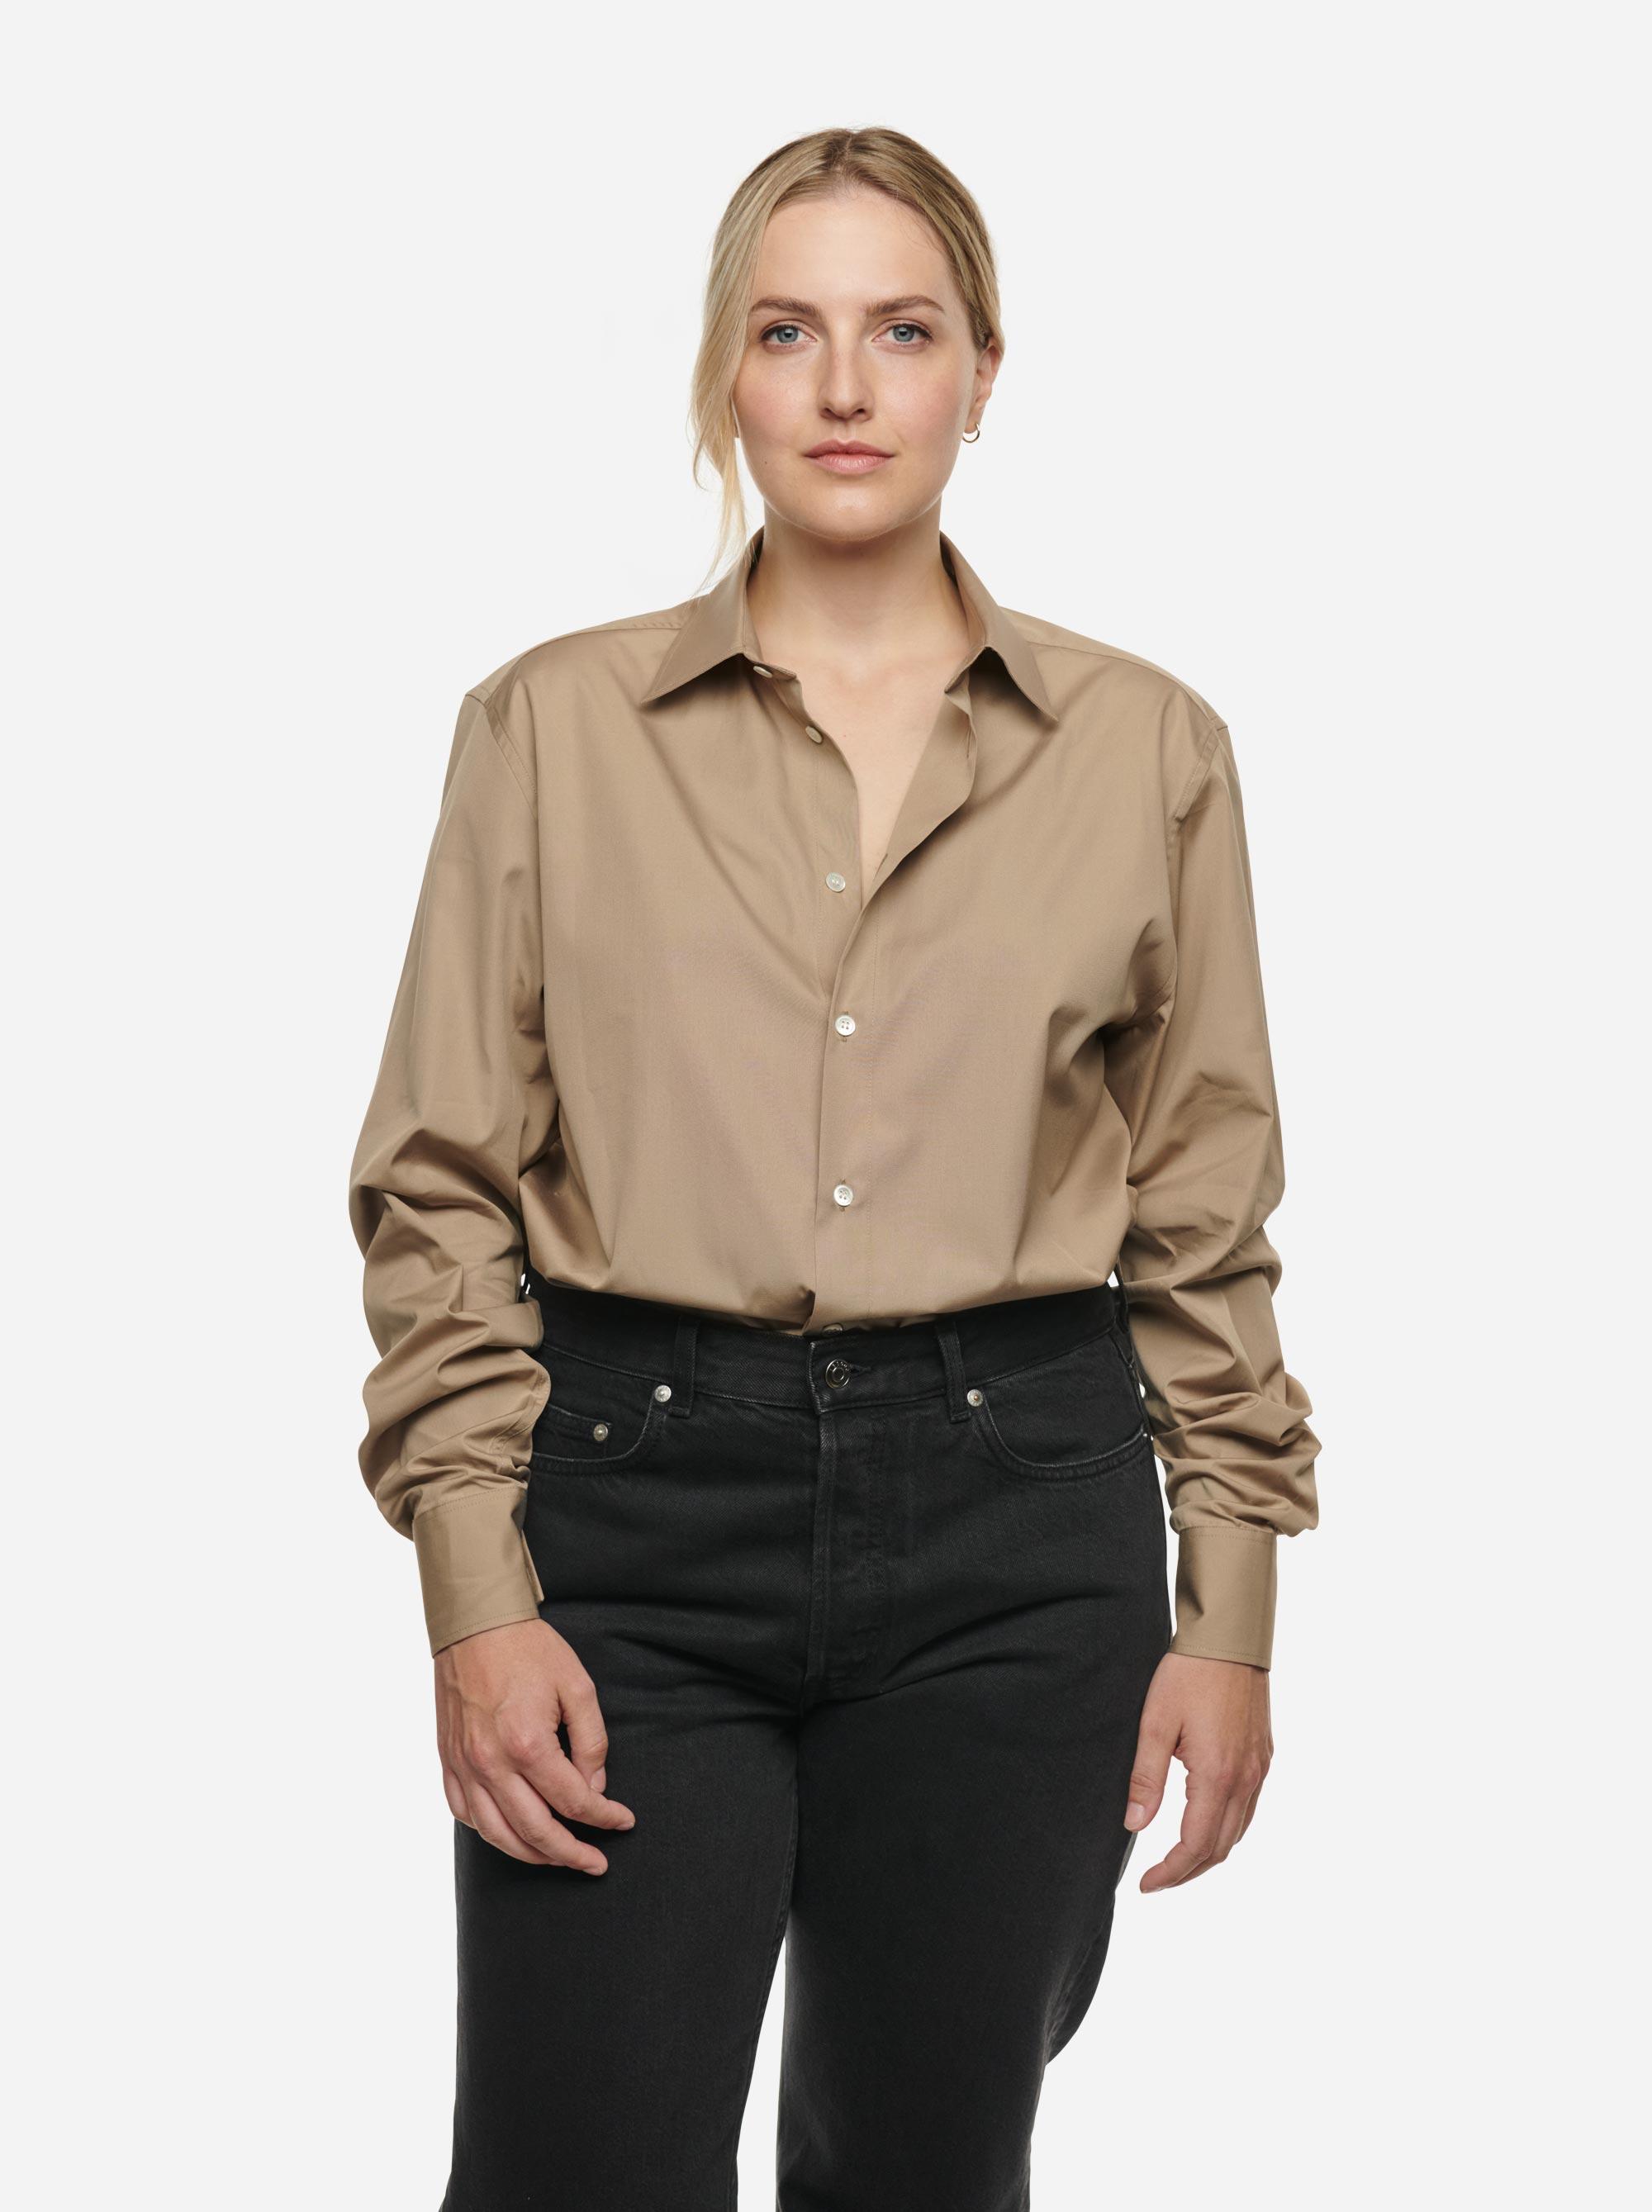 Teym-Shirt-Beige_women-mens-1